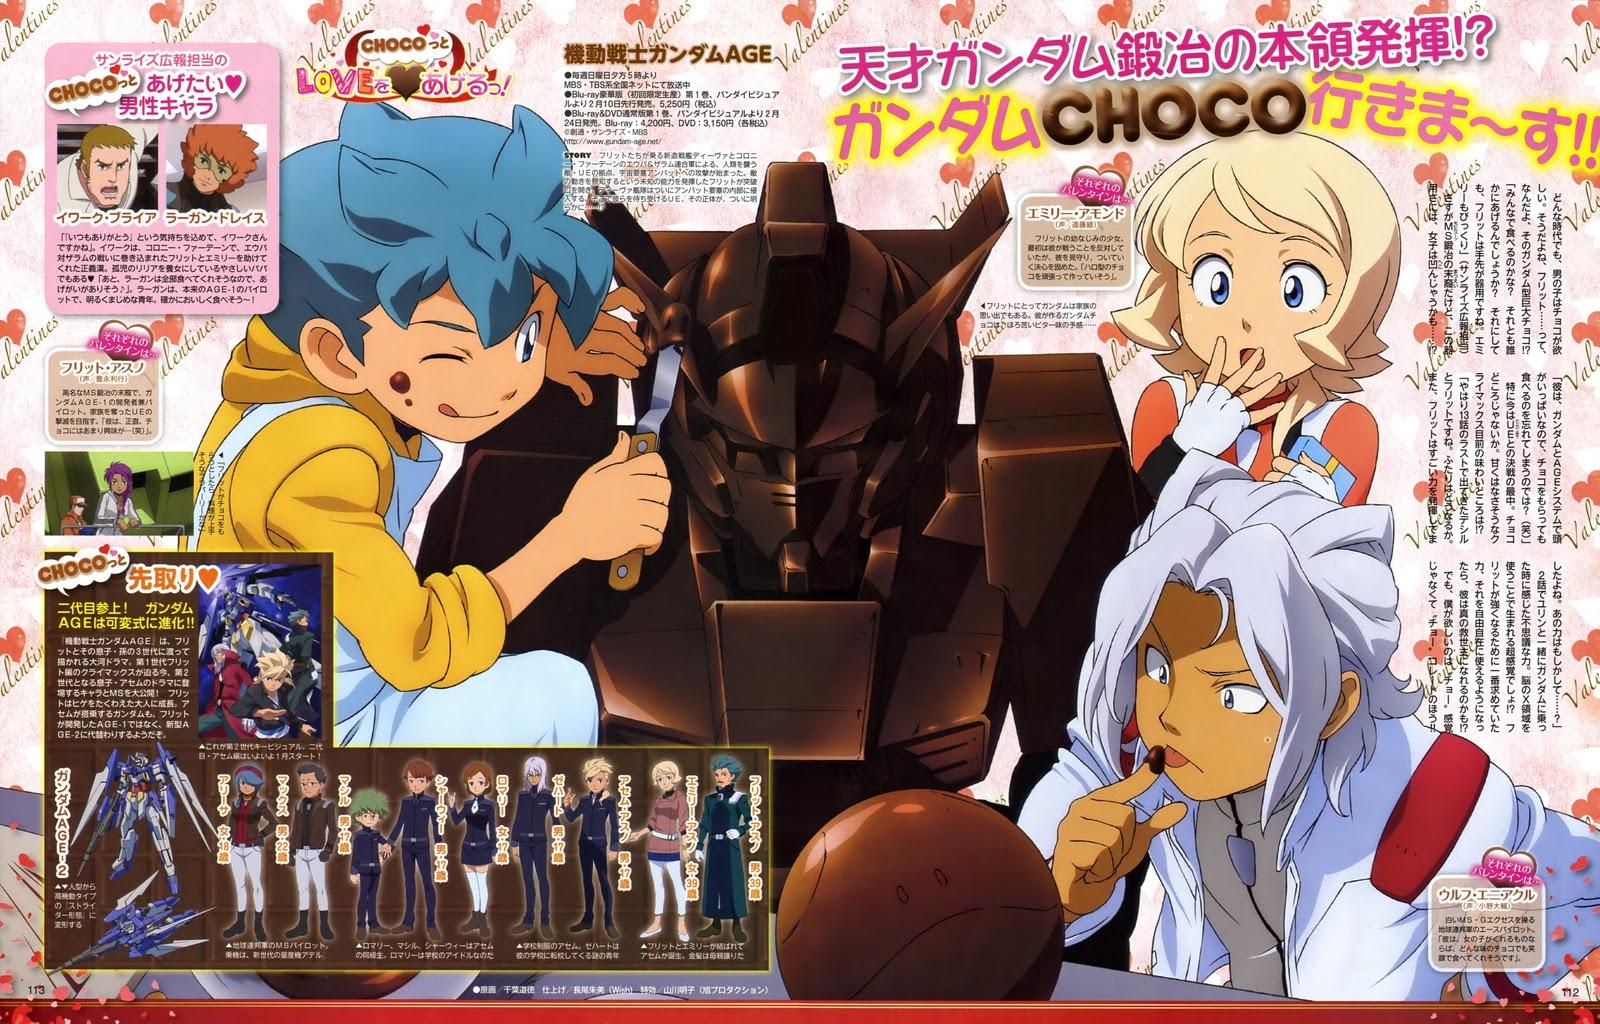 GUNDAM GUY: Gundam AGE Image Large Size Scans - Newtype Magazine (Feb ...